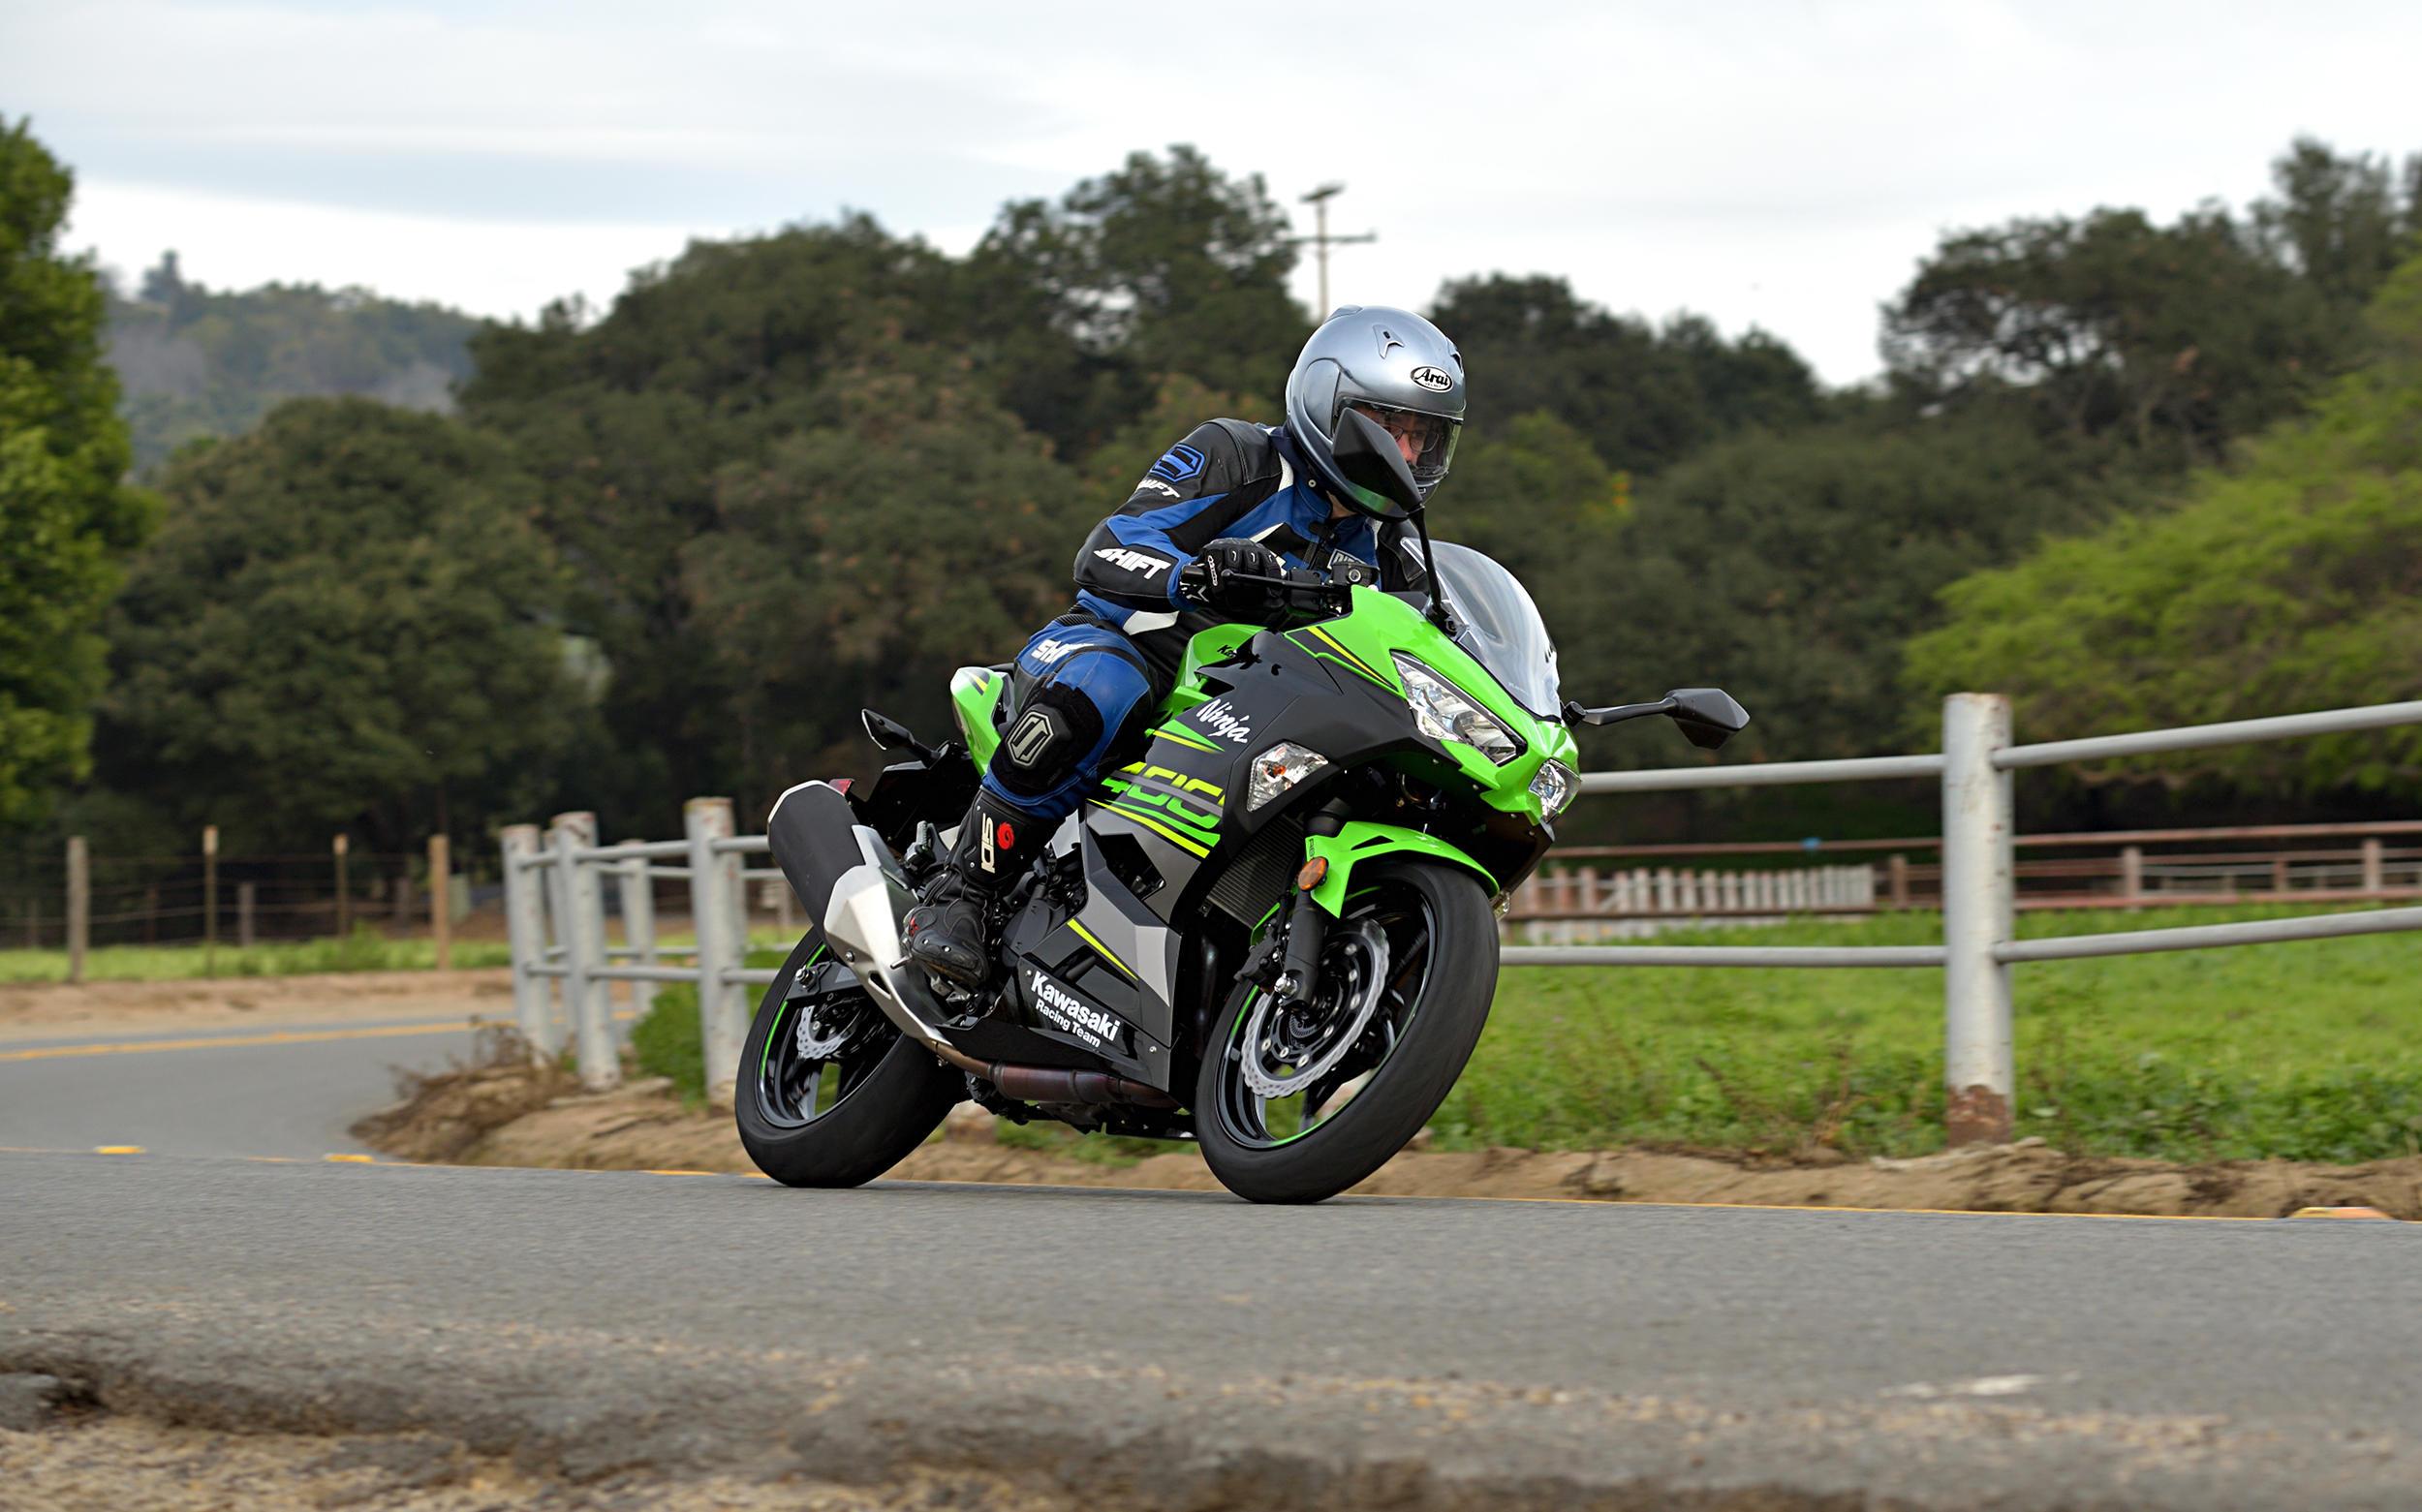 2018 Kawasaki Ninja 400 Abs Md Ride Review Motorcycledailycom